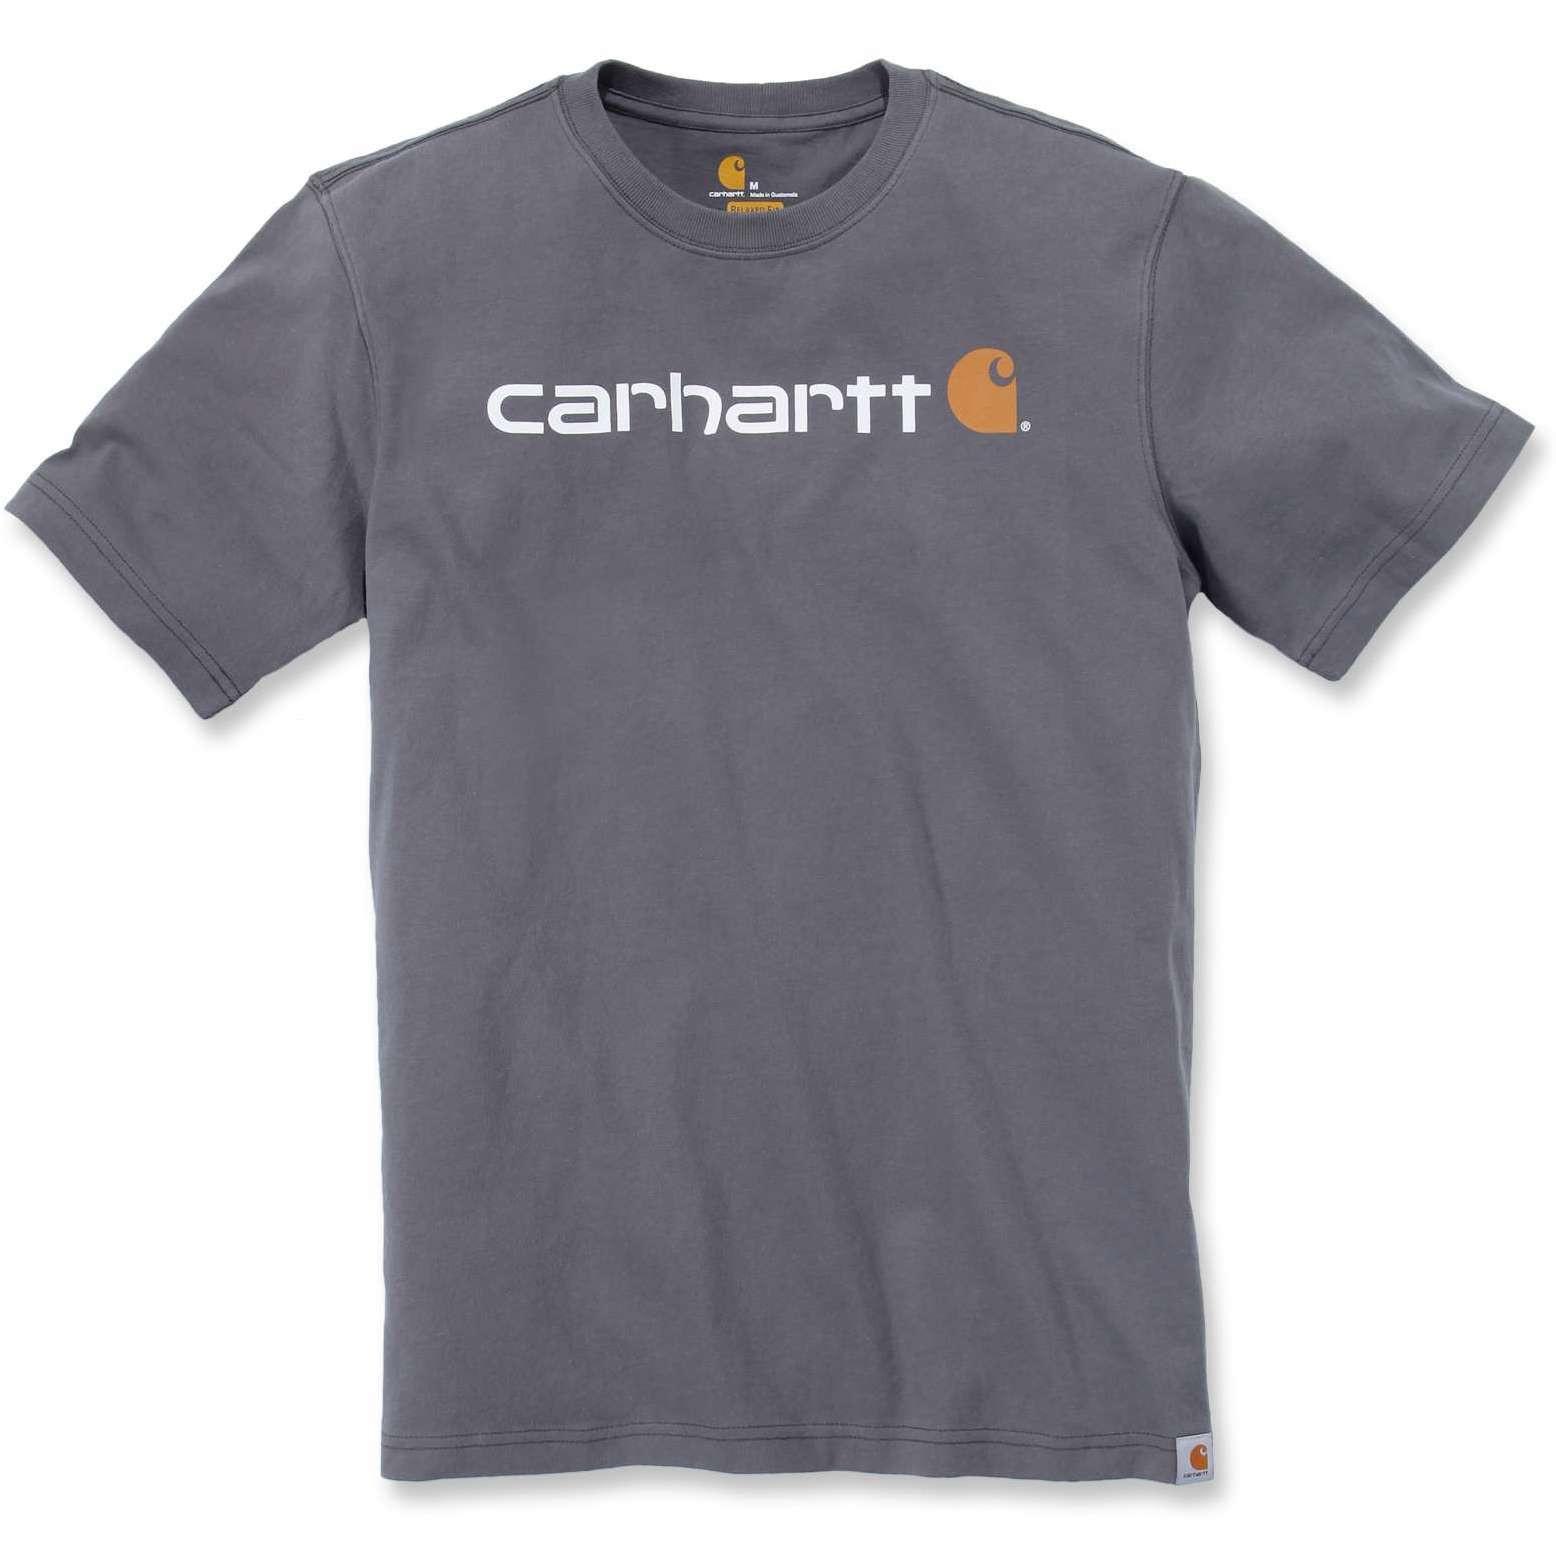 Футболка Carhartt Core Logo T-Shirt S/S - 103361 (Charcoal, L)